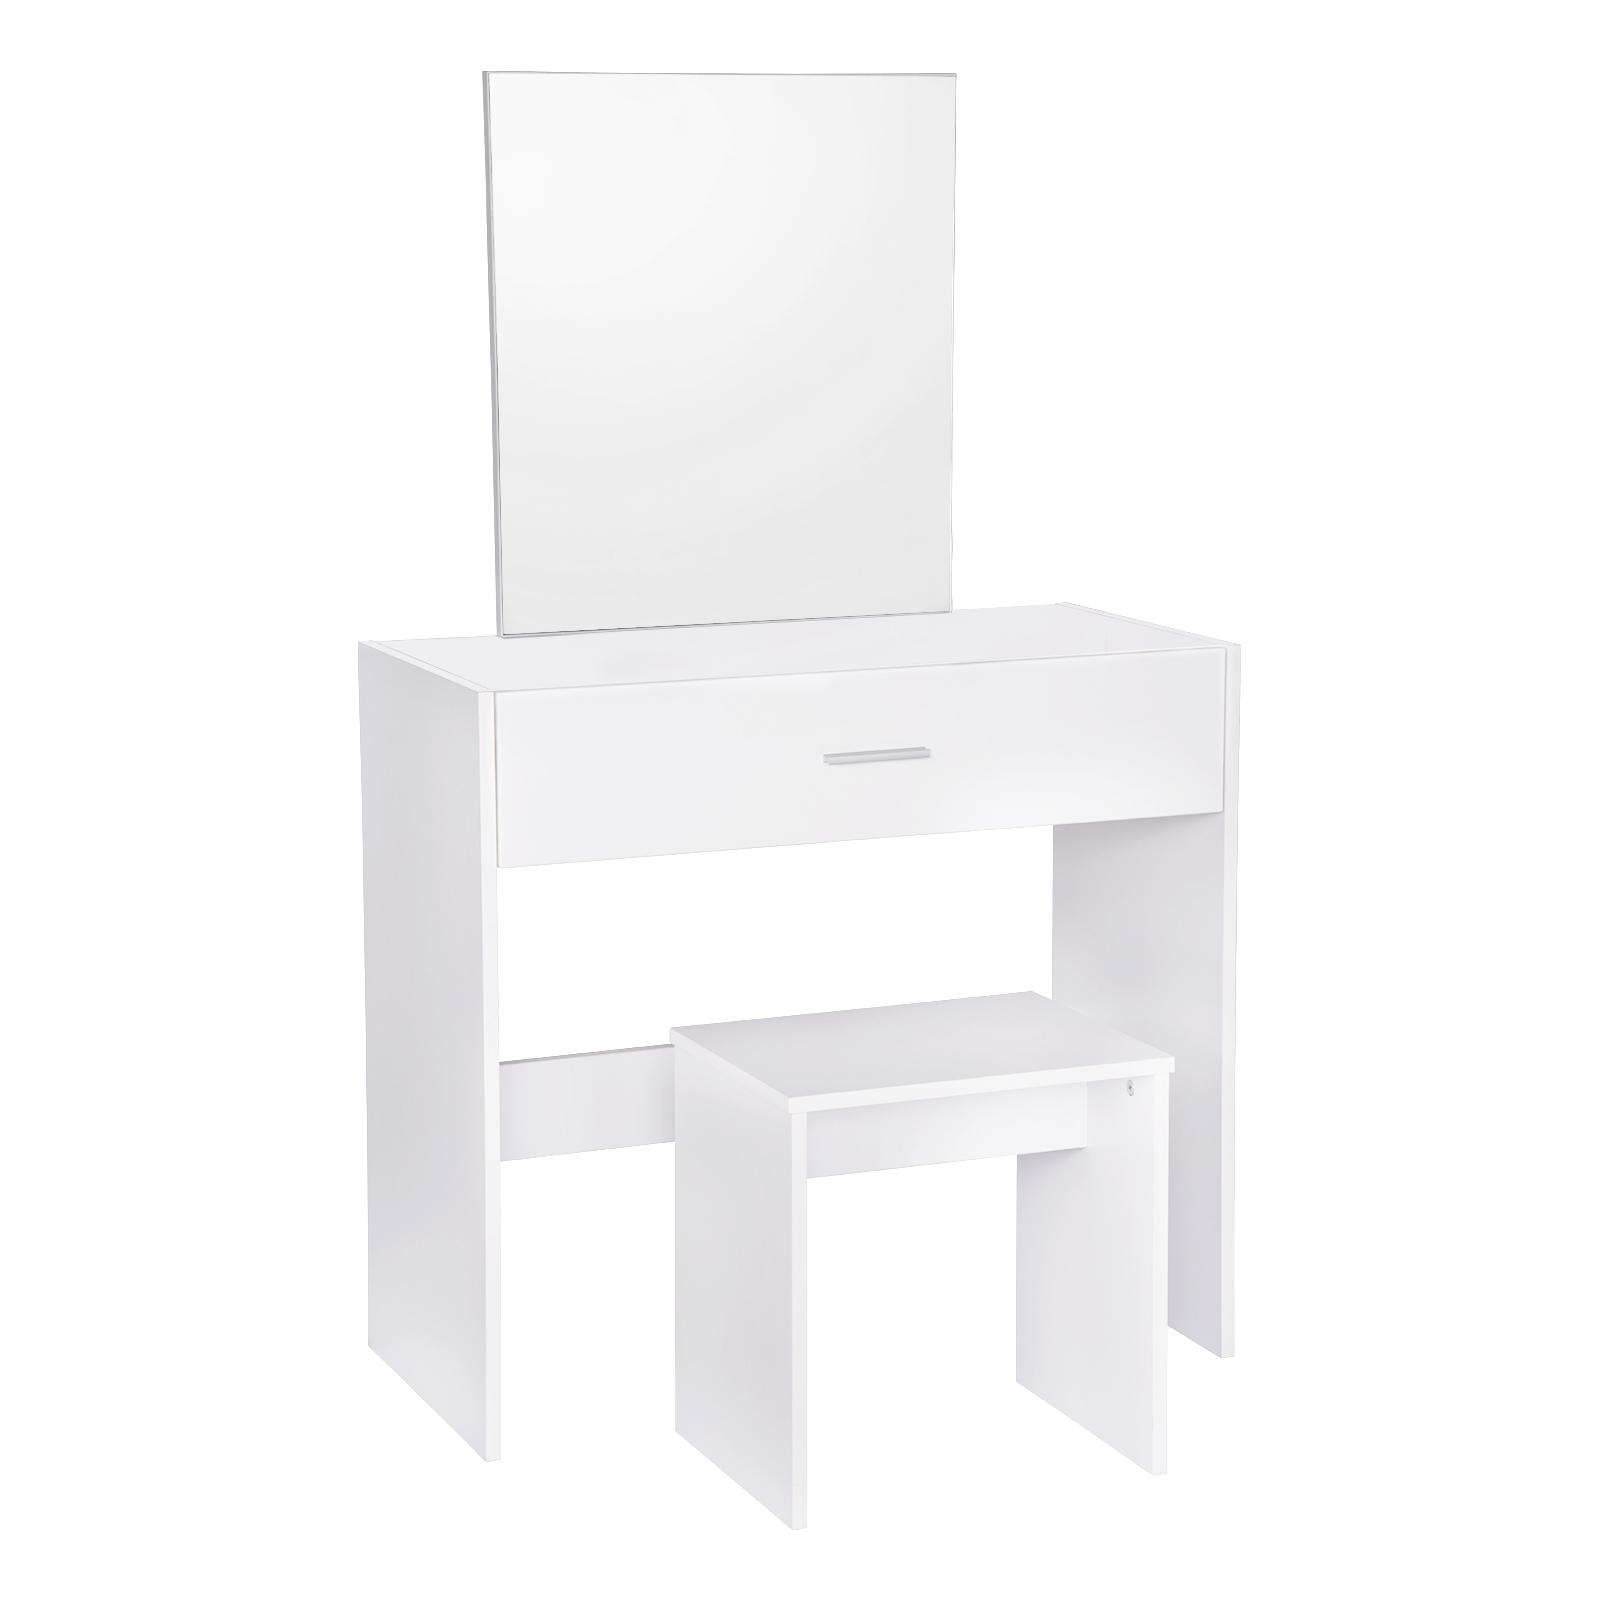 schminktisch mit spiegel und hocker kosmetiktisch schreibtisch wei mb6043ws ebay. Black Bedroom Furniture Sets. Home Design Ideas